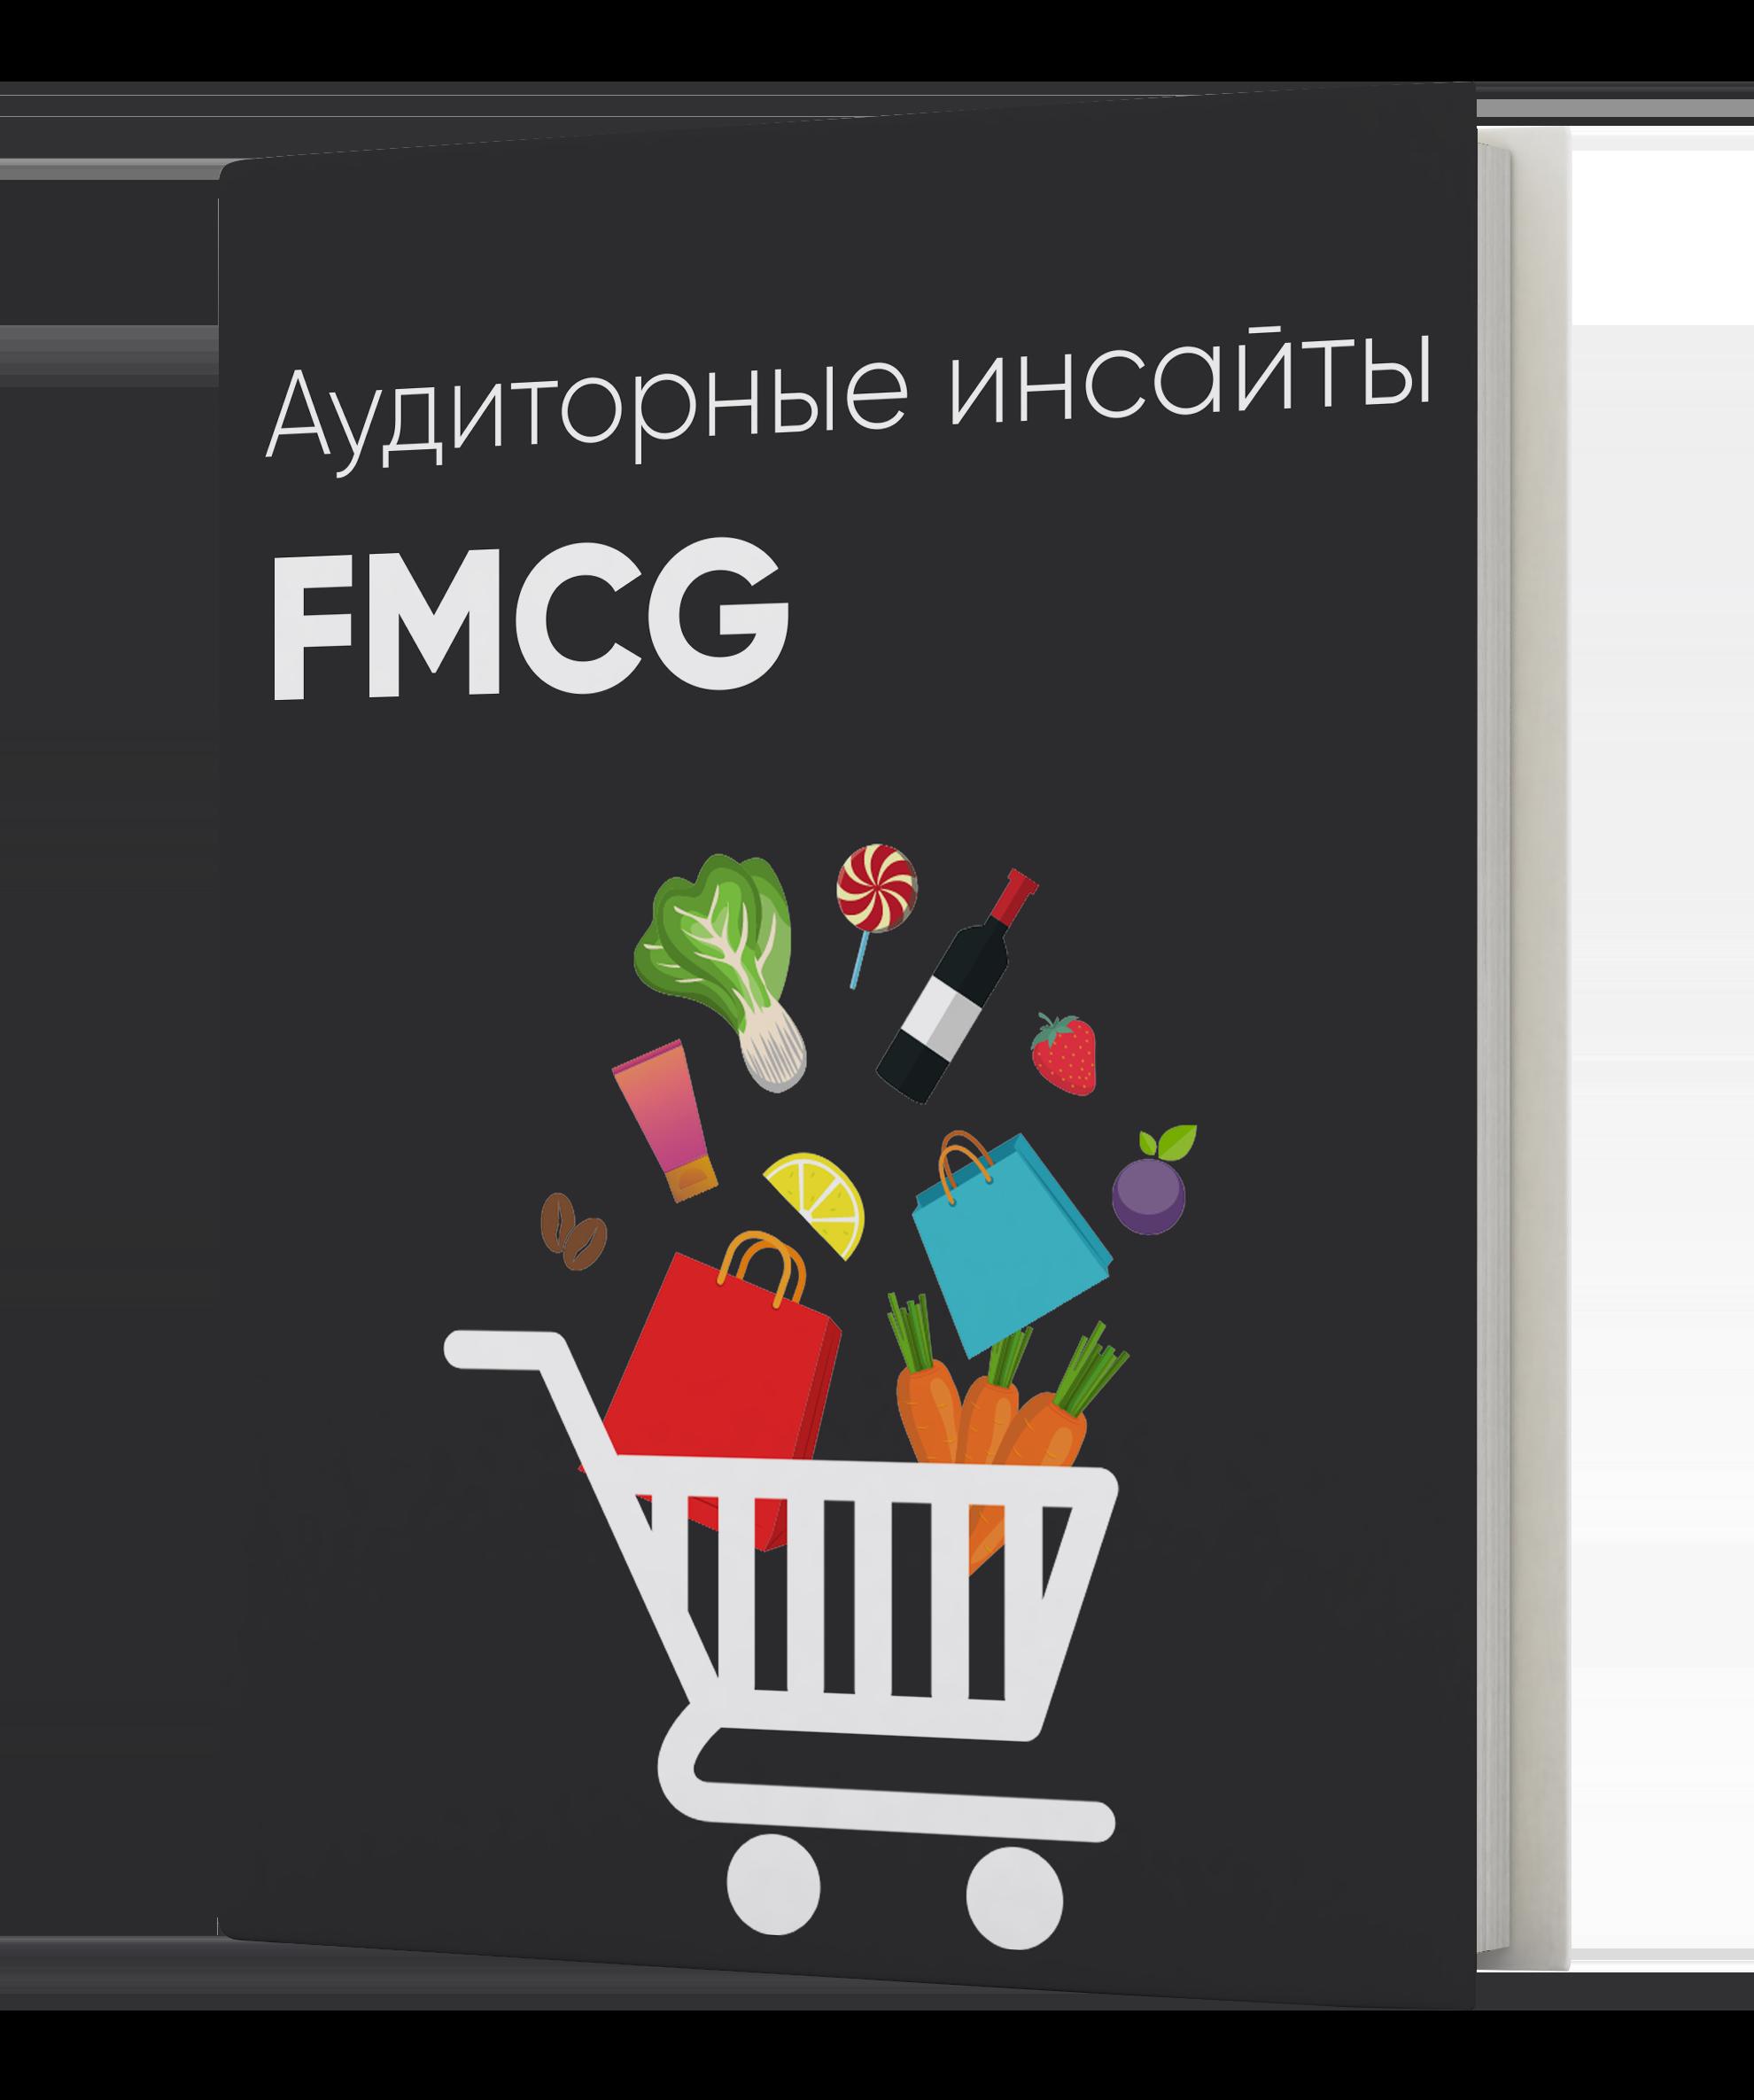 Аудиторные инсайты для FMCG